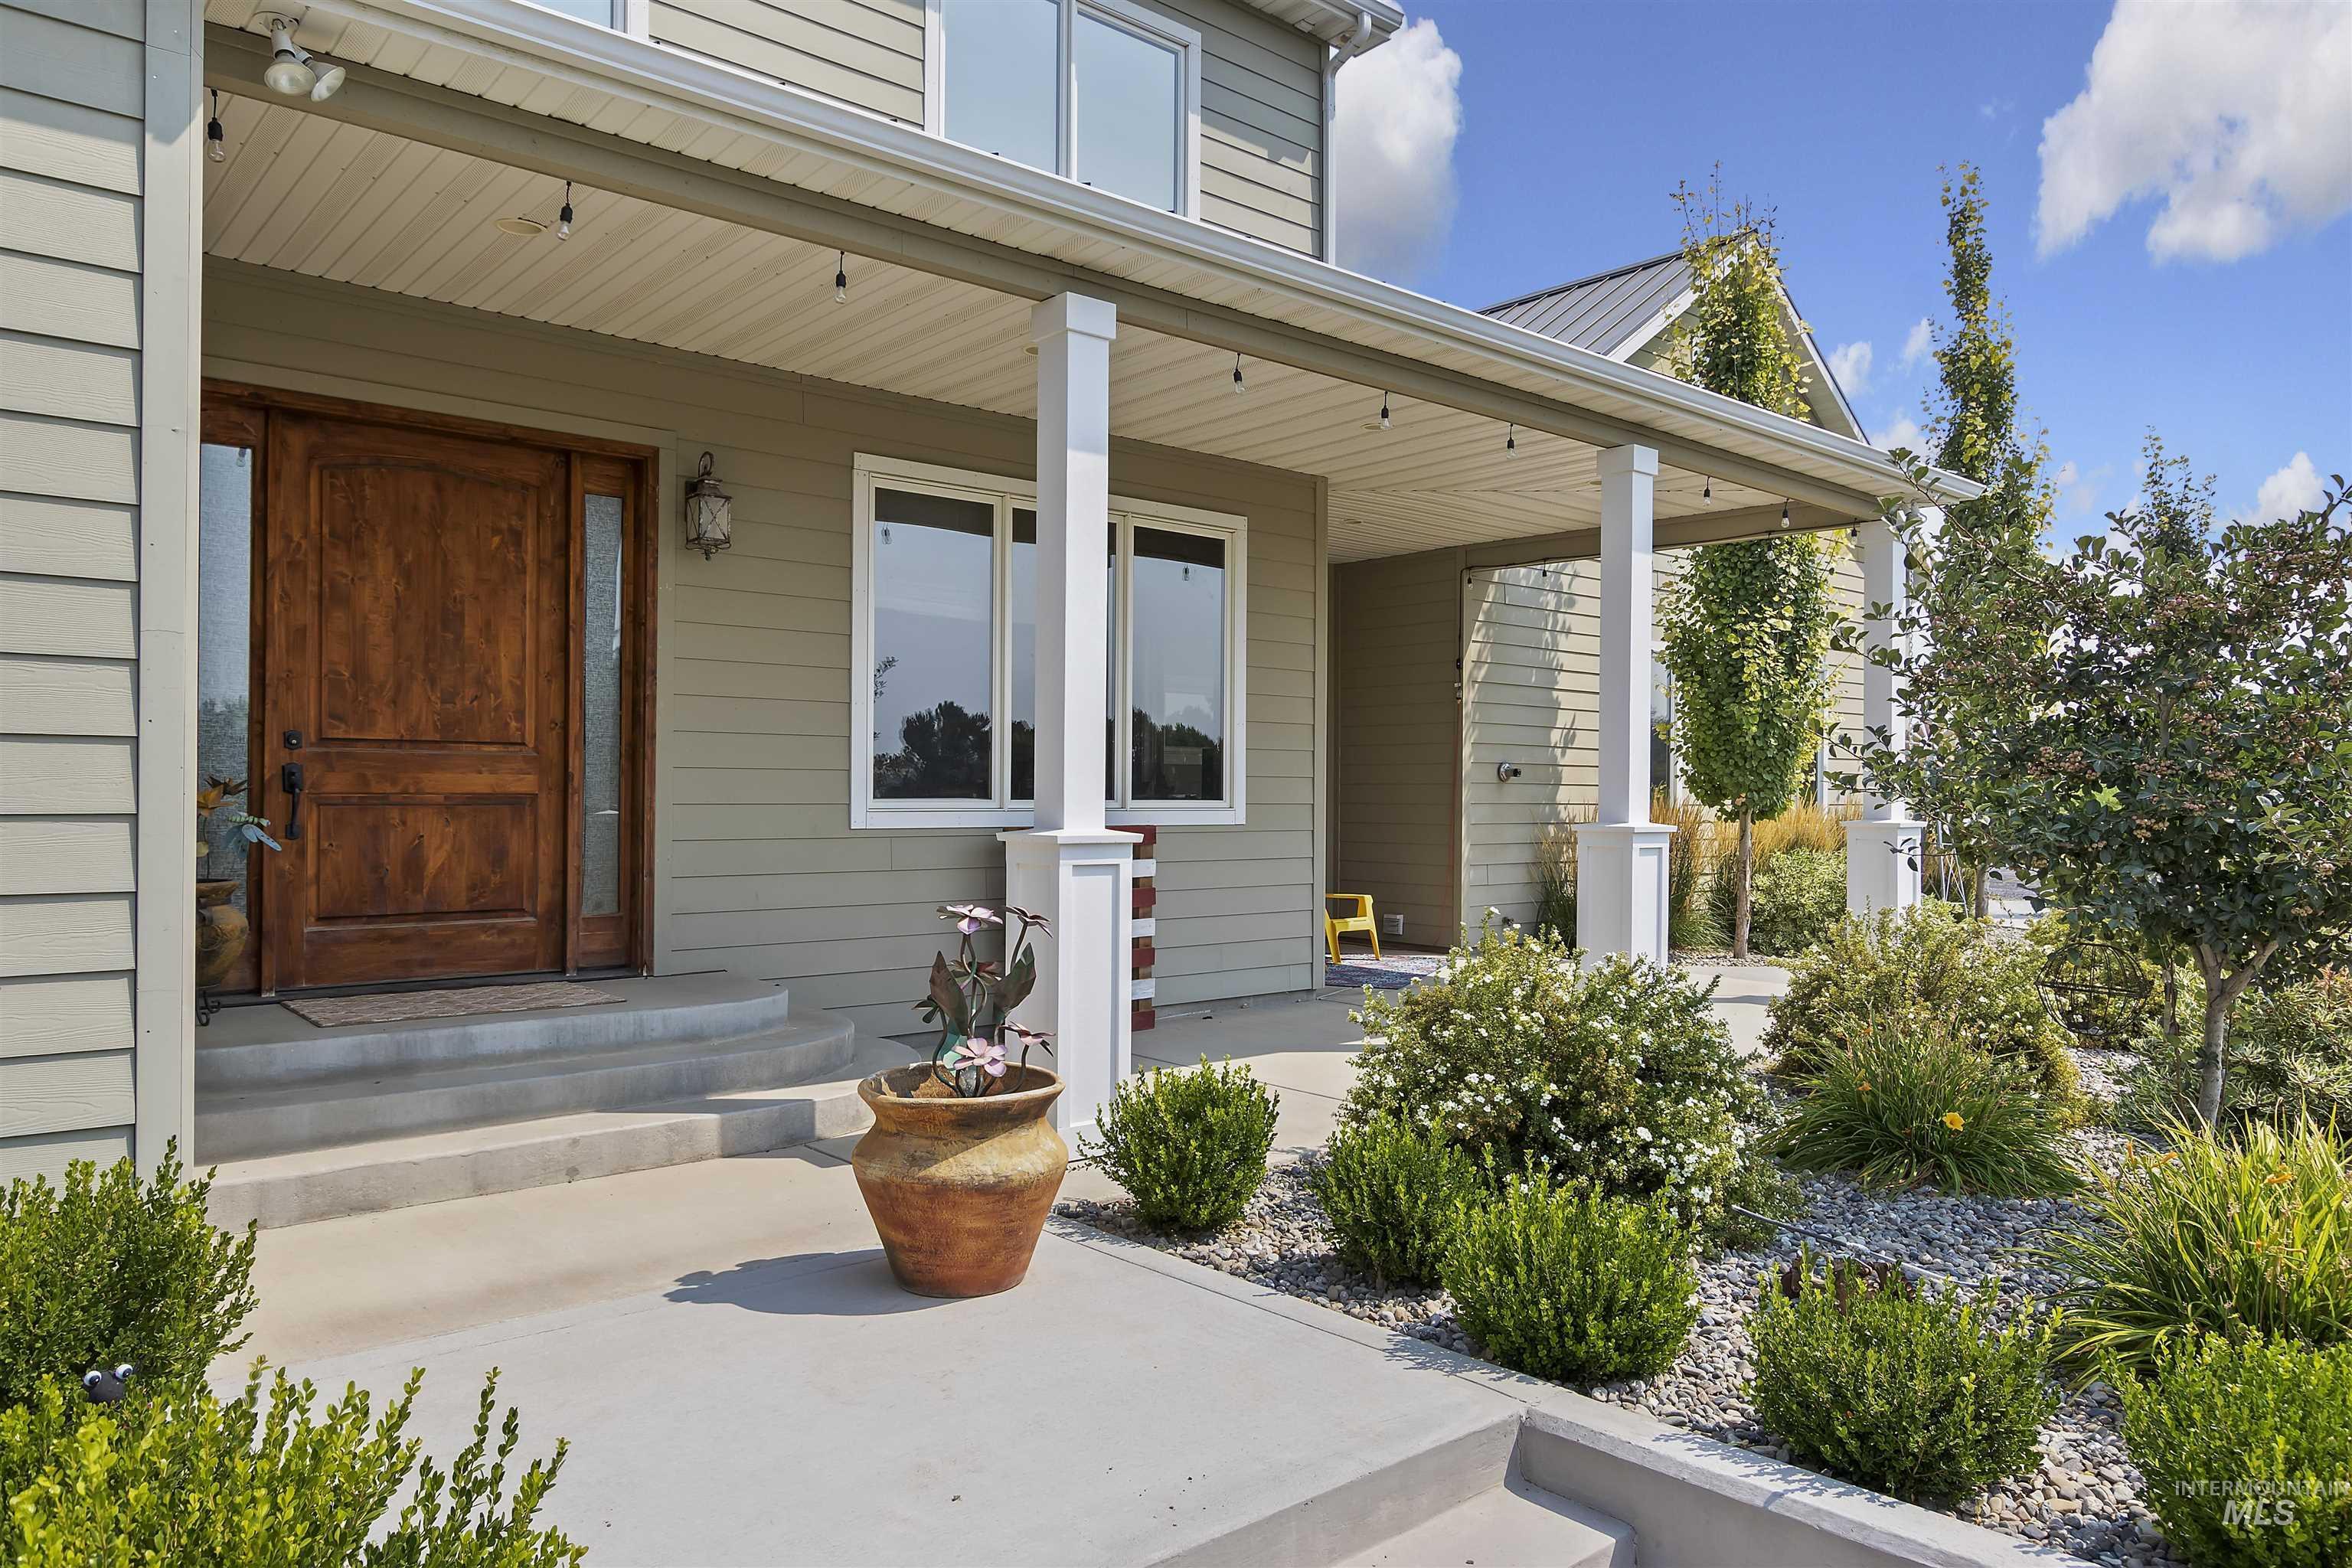 978 S 1200 E Property Photo 6